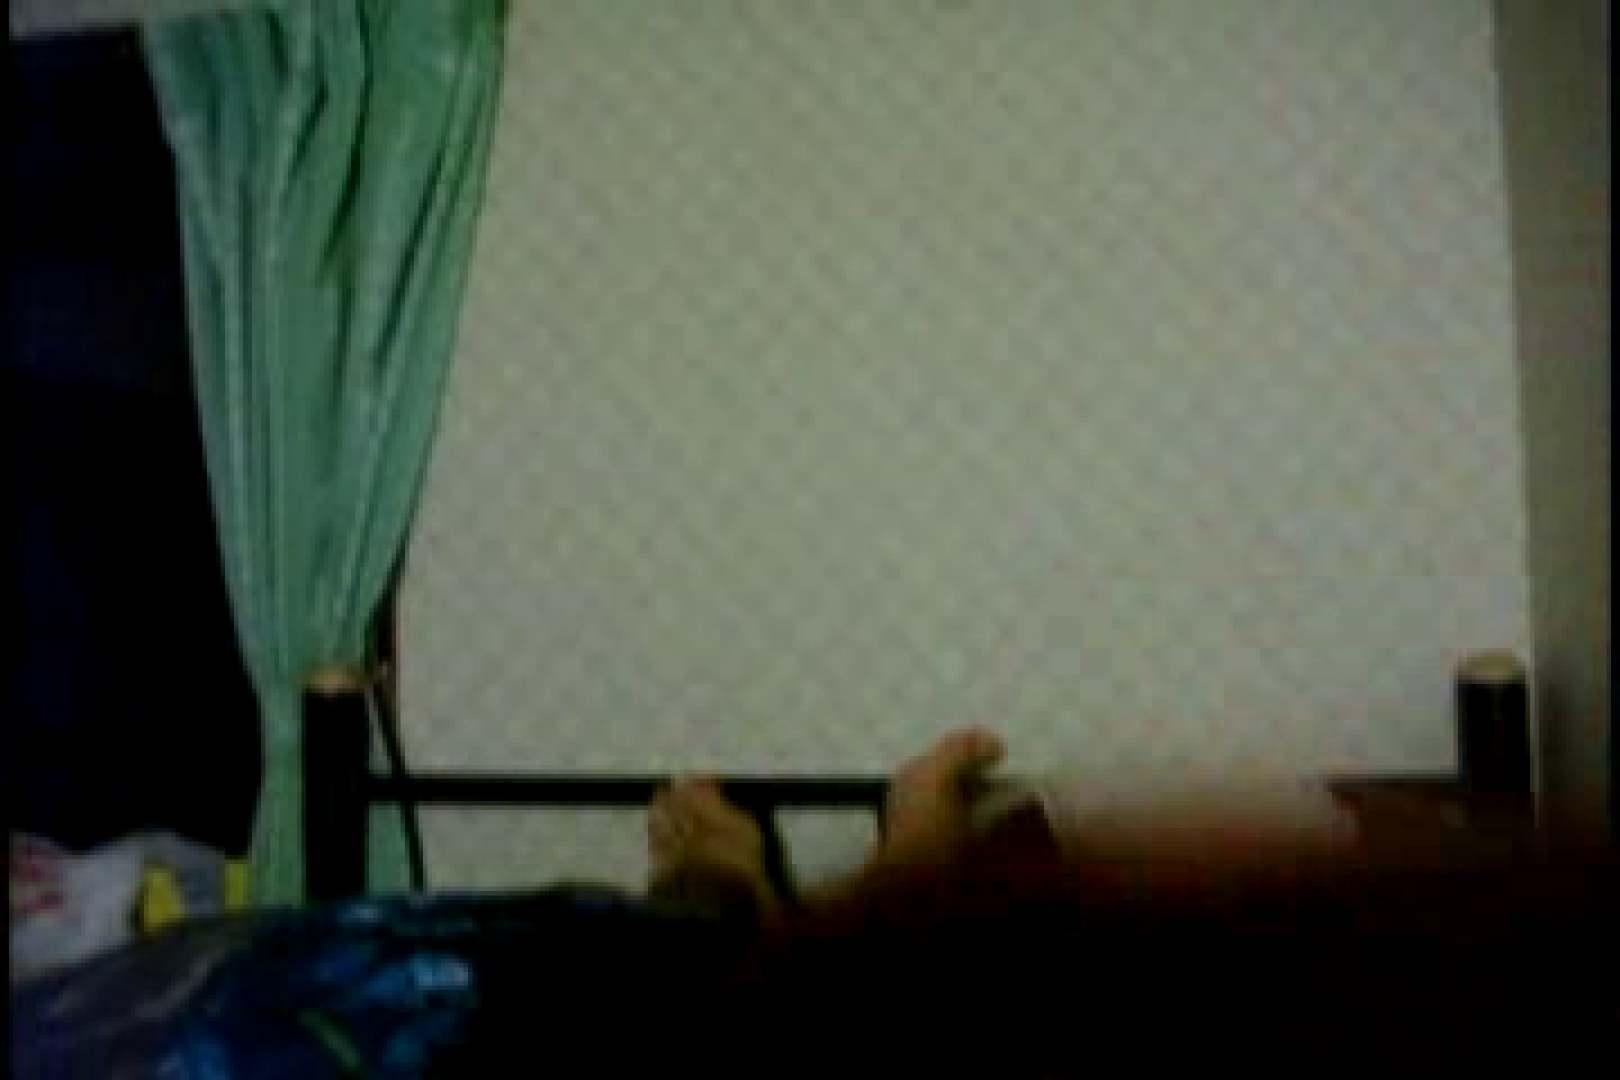 オナ好きノンケテニス部員の自画撮り投稿vol.03 モザ無し   ノンケまつり エロビデオ紹介 114枚 6